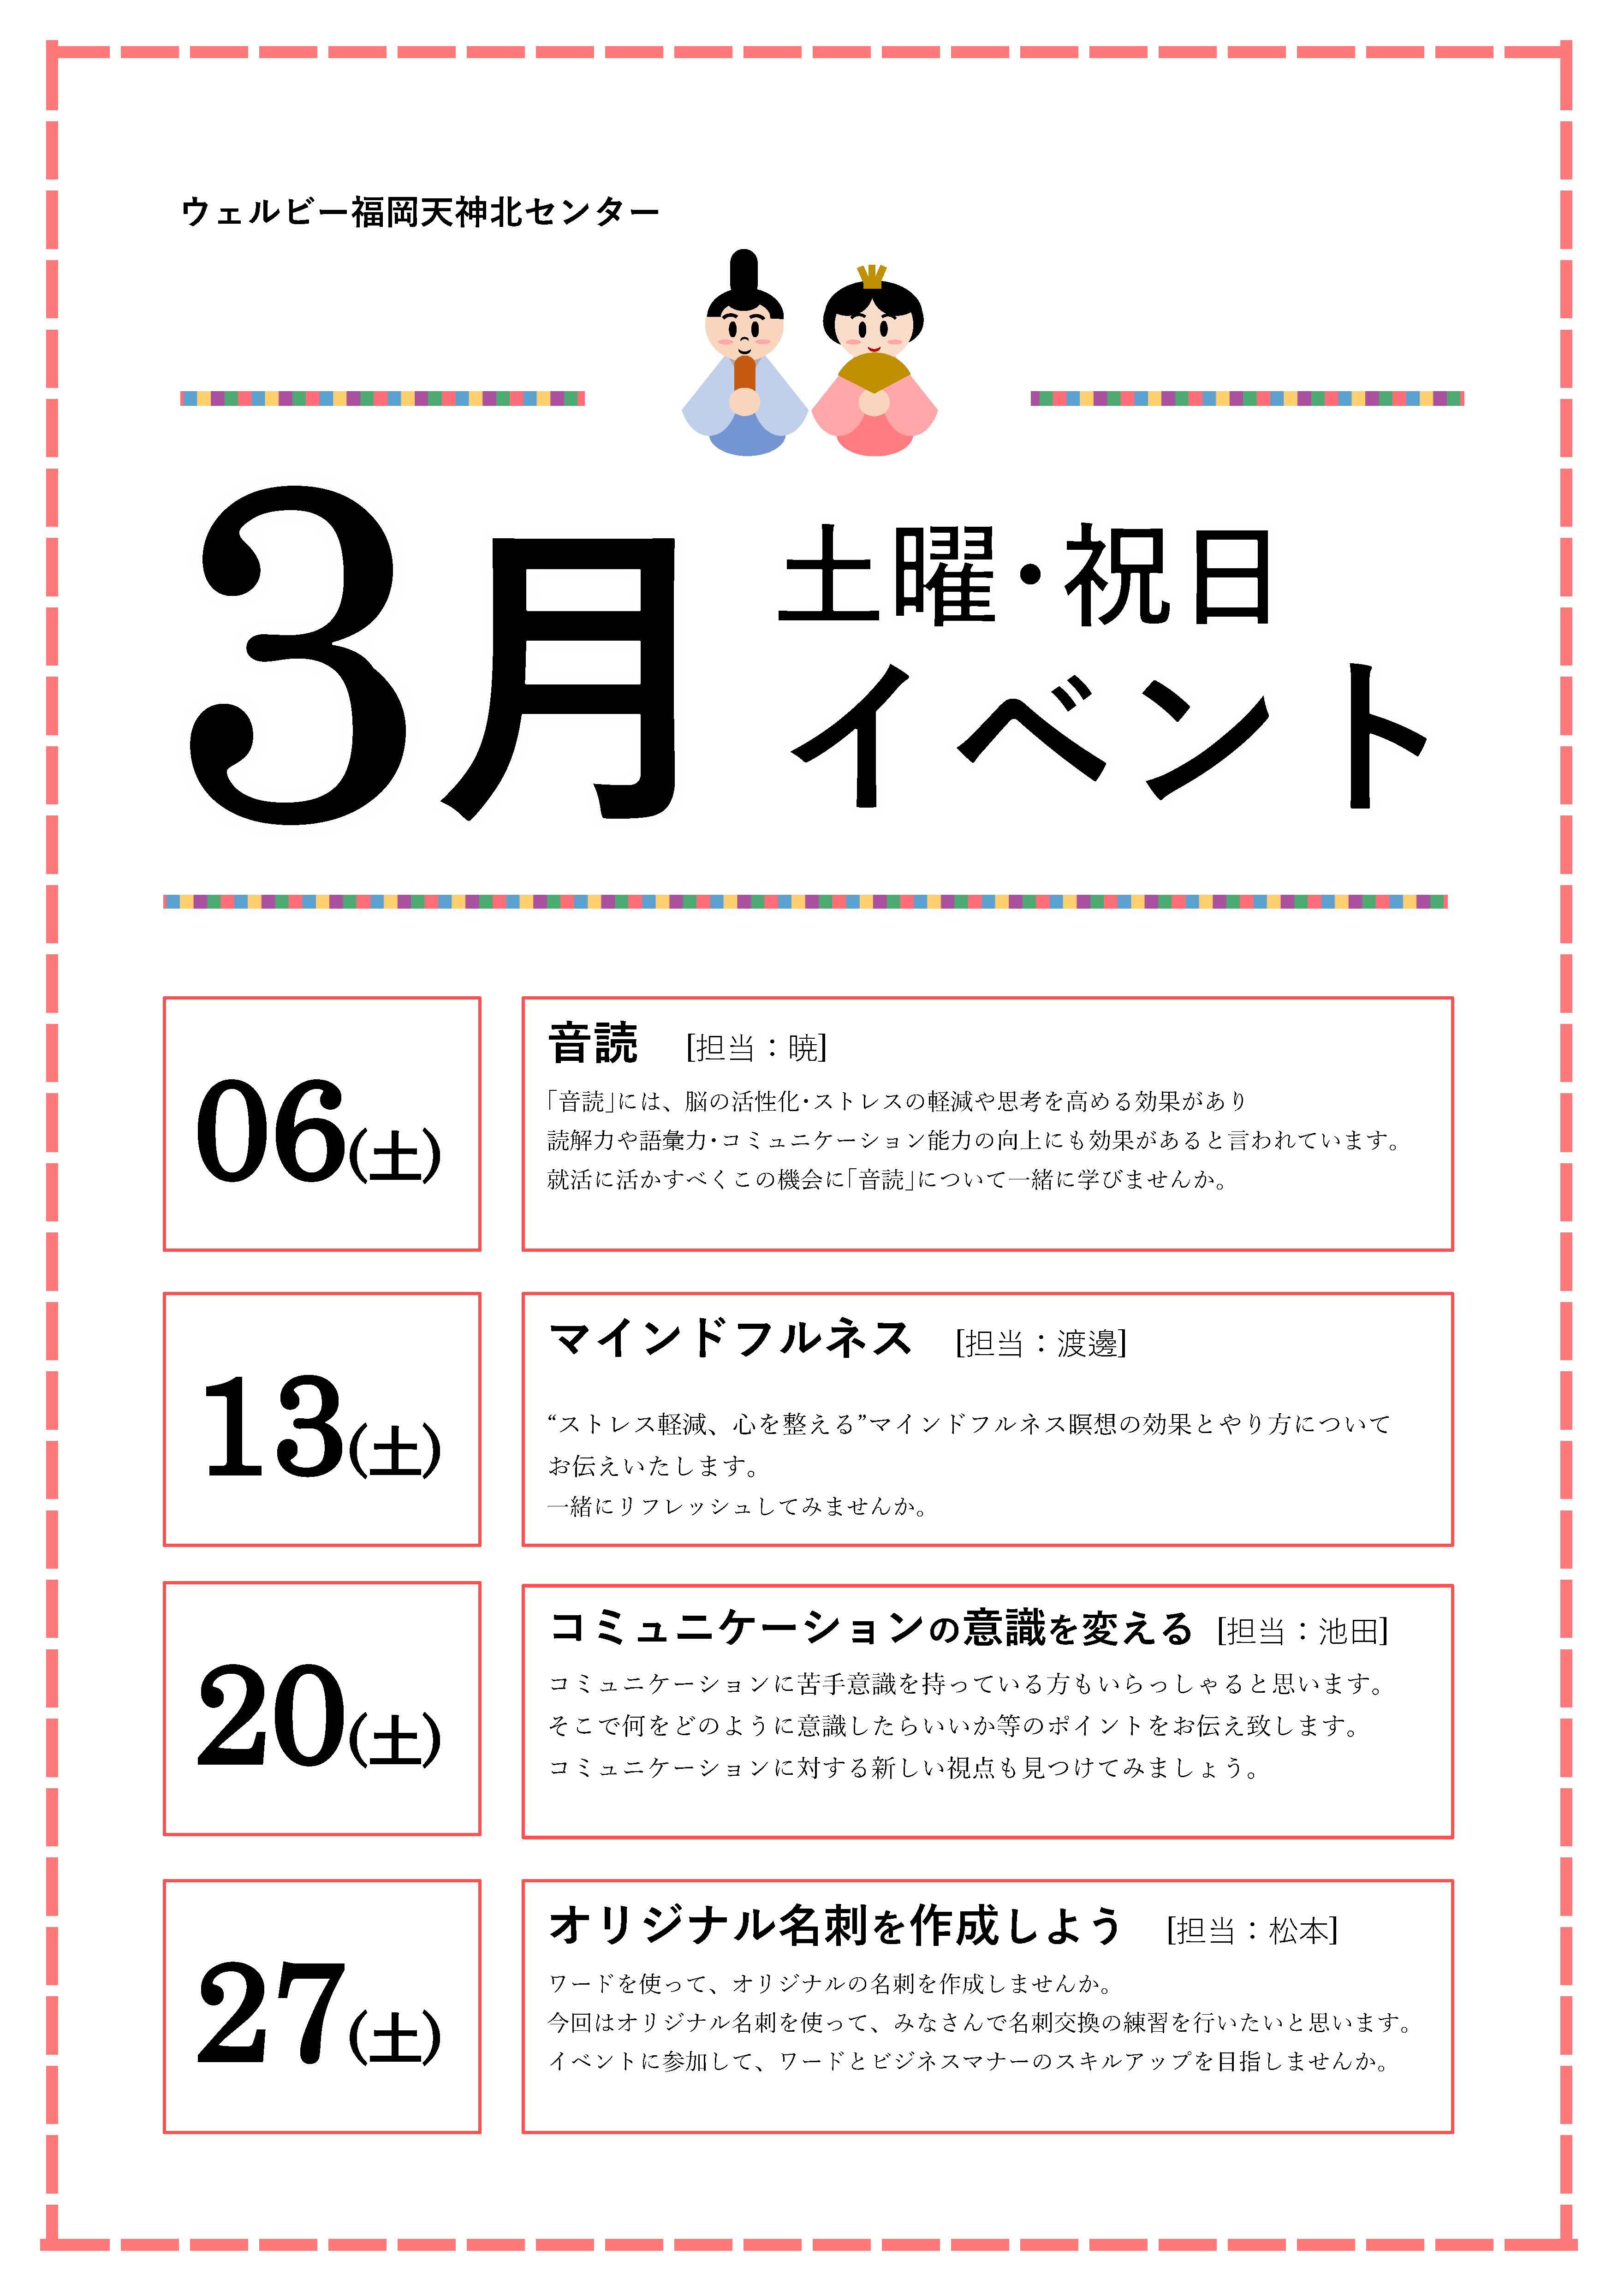 福岡天神北センター3月イベントチラシ